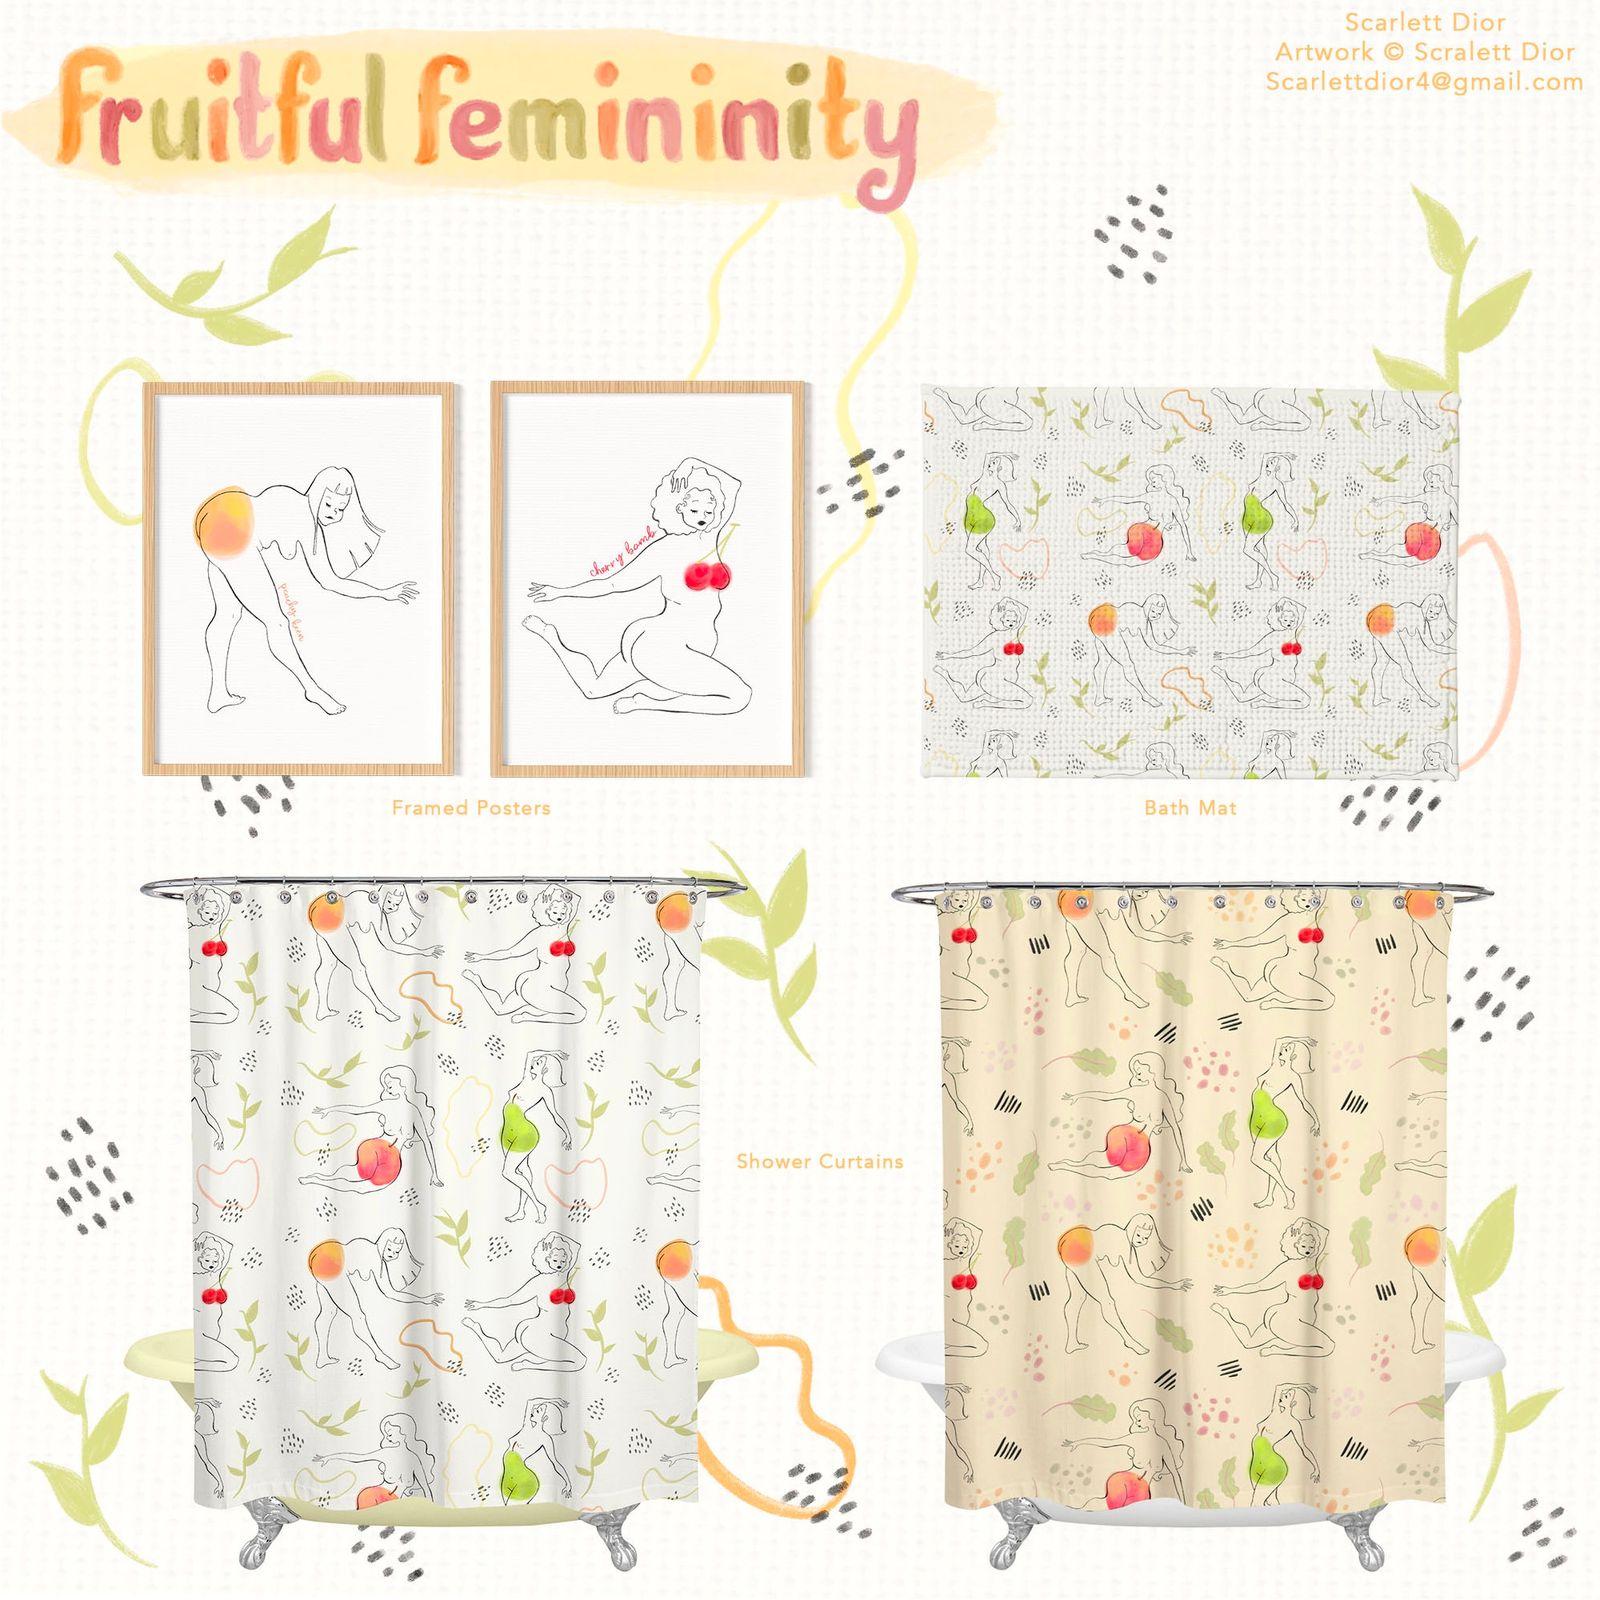 Fruitful Femininity